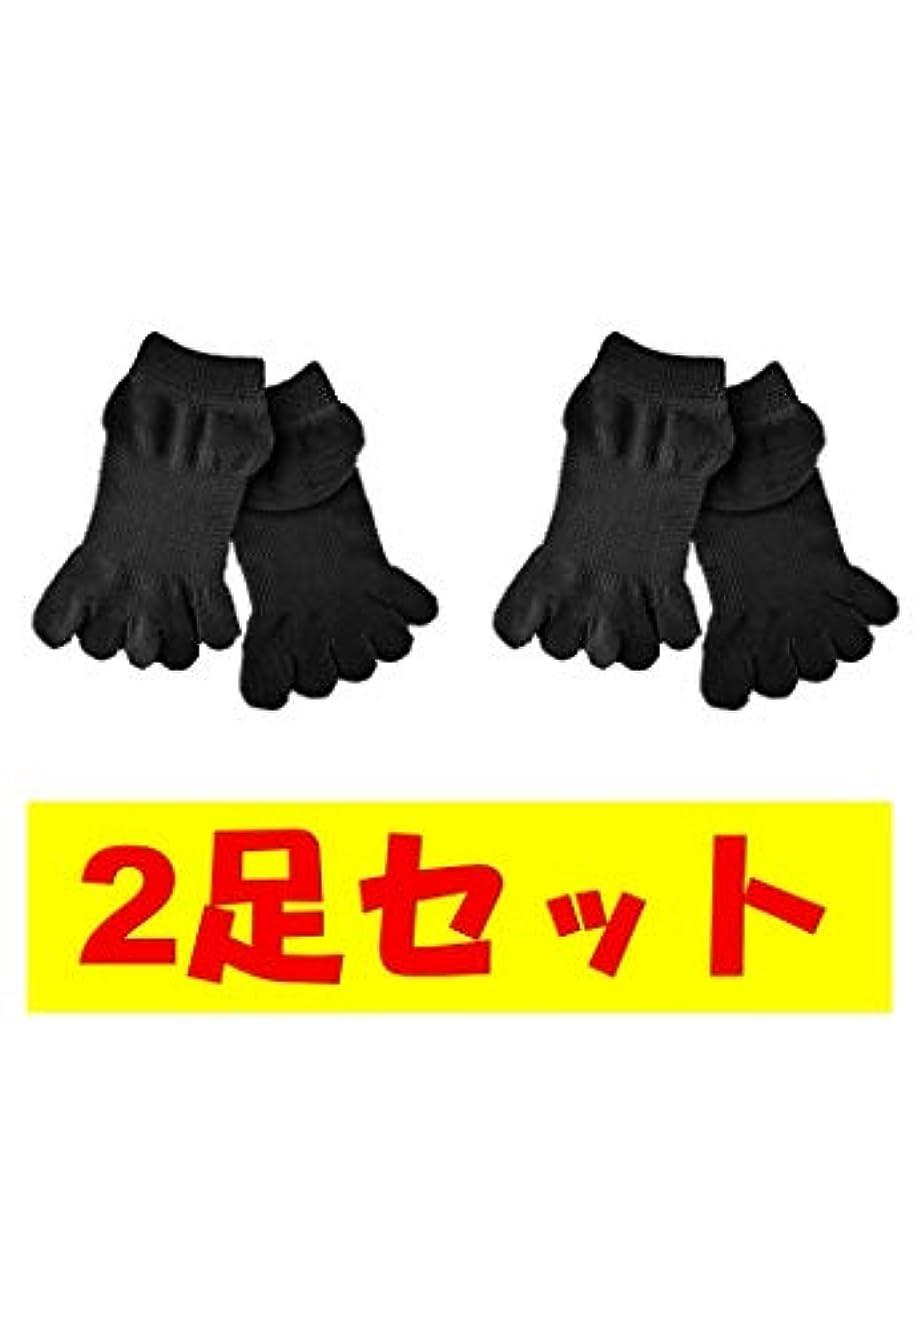 ほんの宅配便ビーズお買い得2足セット 5本指 ゆびのばソックス ゆびのば アンクル ブラック Mサイズ 25.0cm-27.5cm YSANKL-BLK